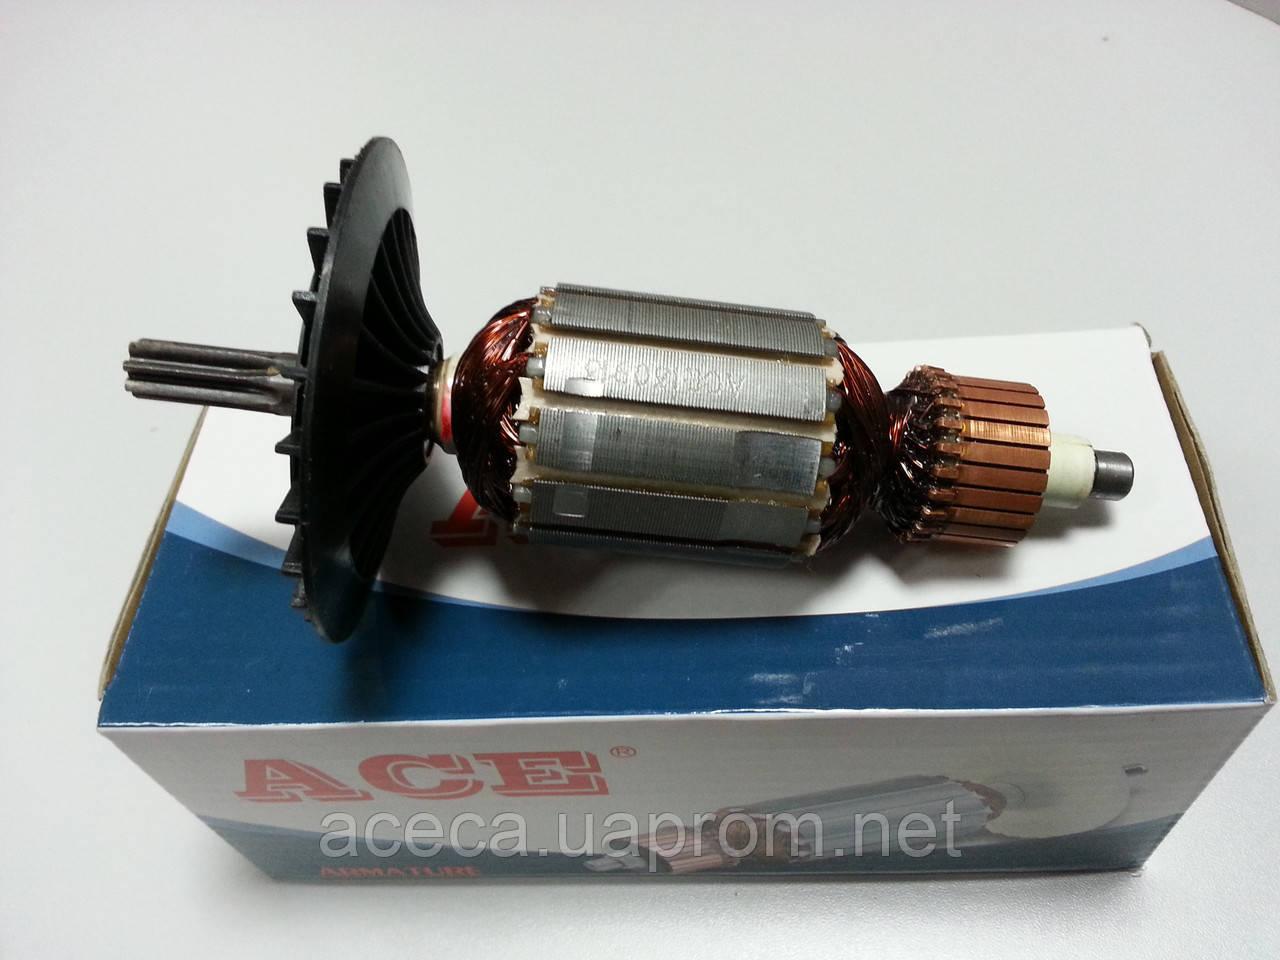 Якорь (ротор) для дрели Интерскол  Д 1050.(158 *41/ 7-з прямо) - интернет магазин ACECA в Одессе